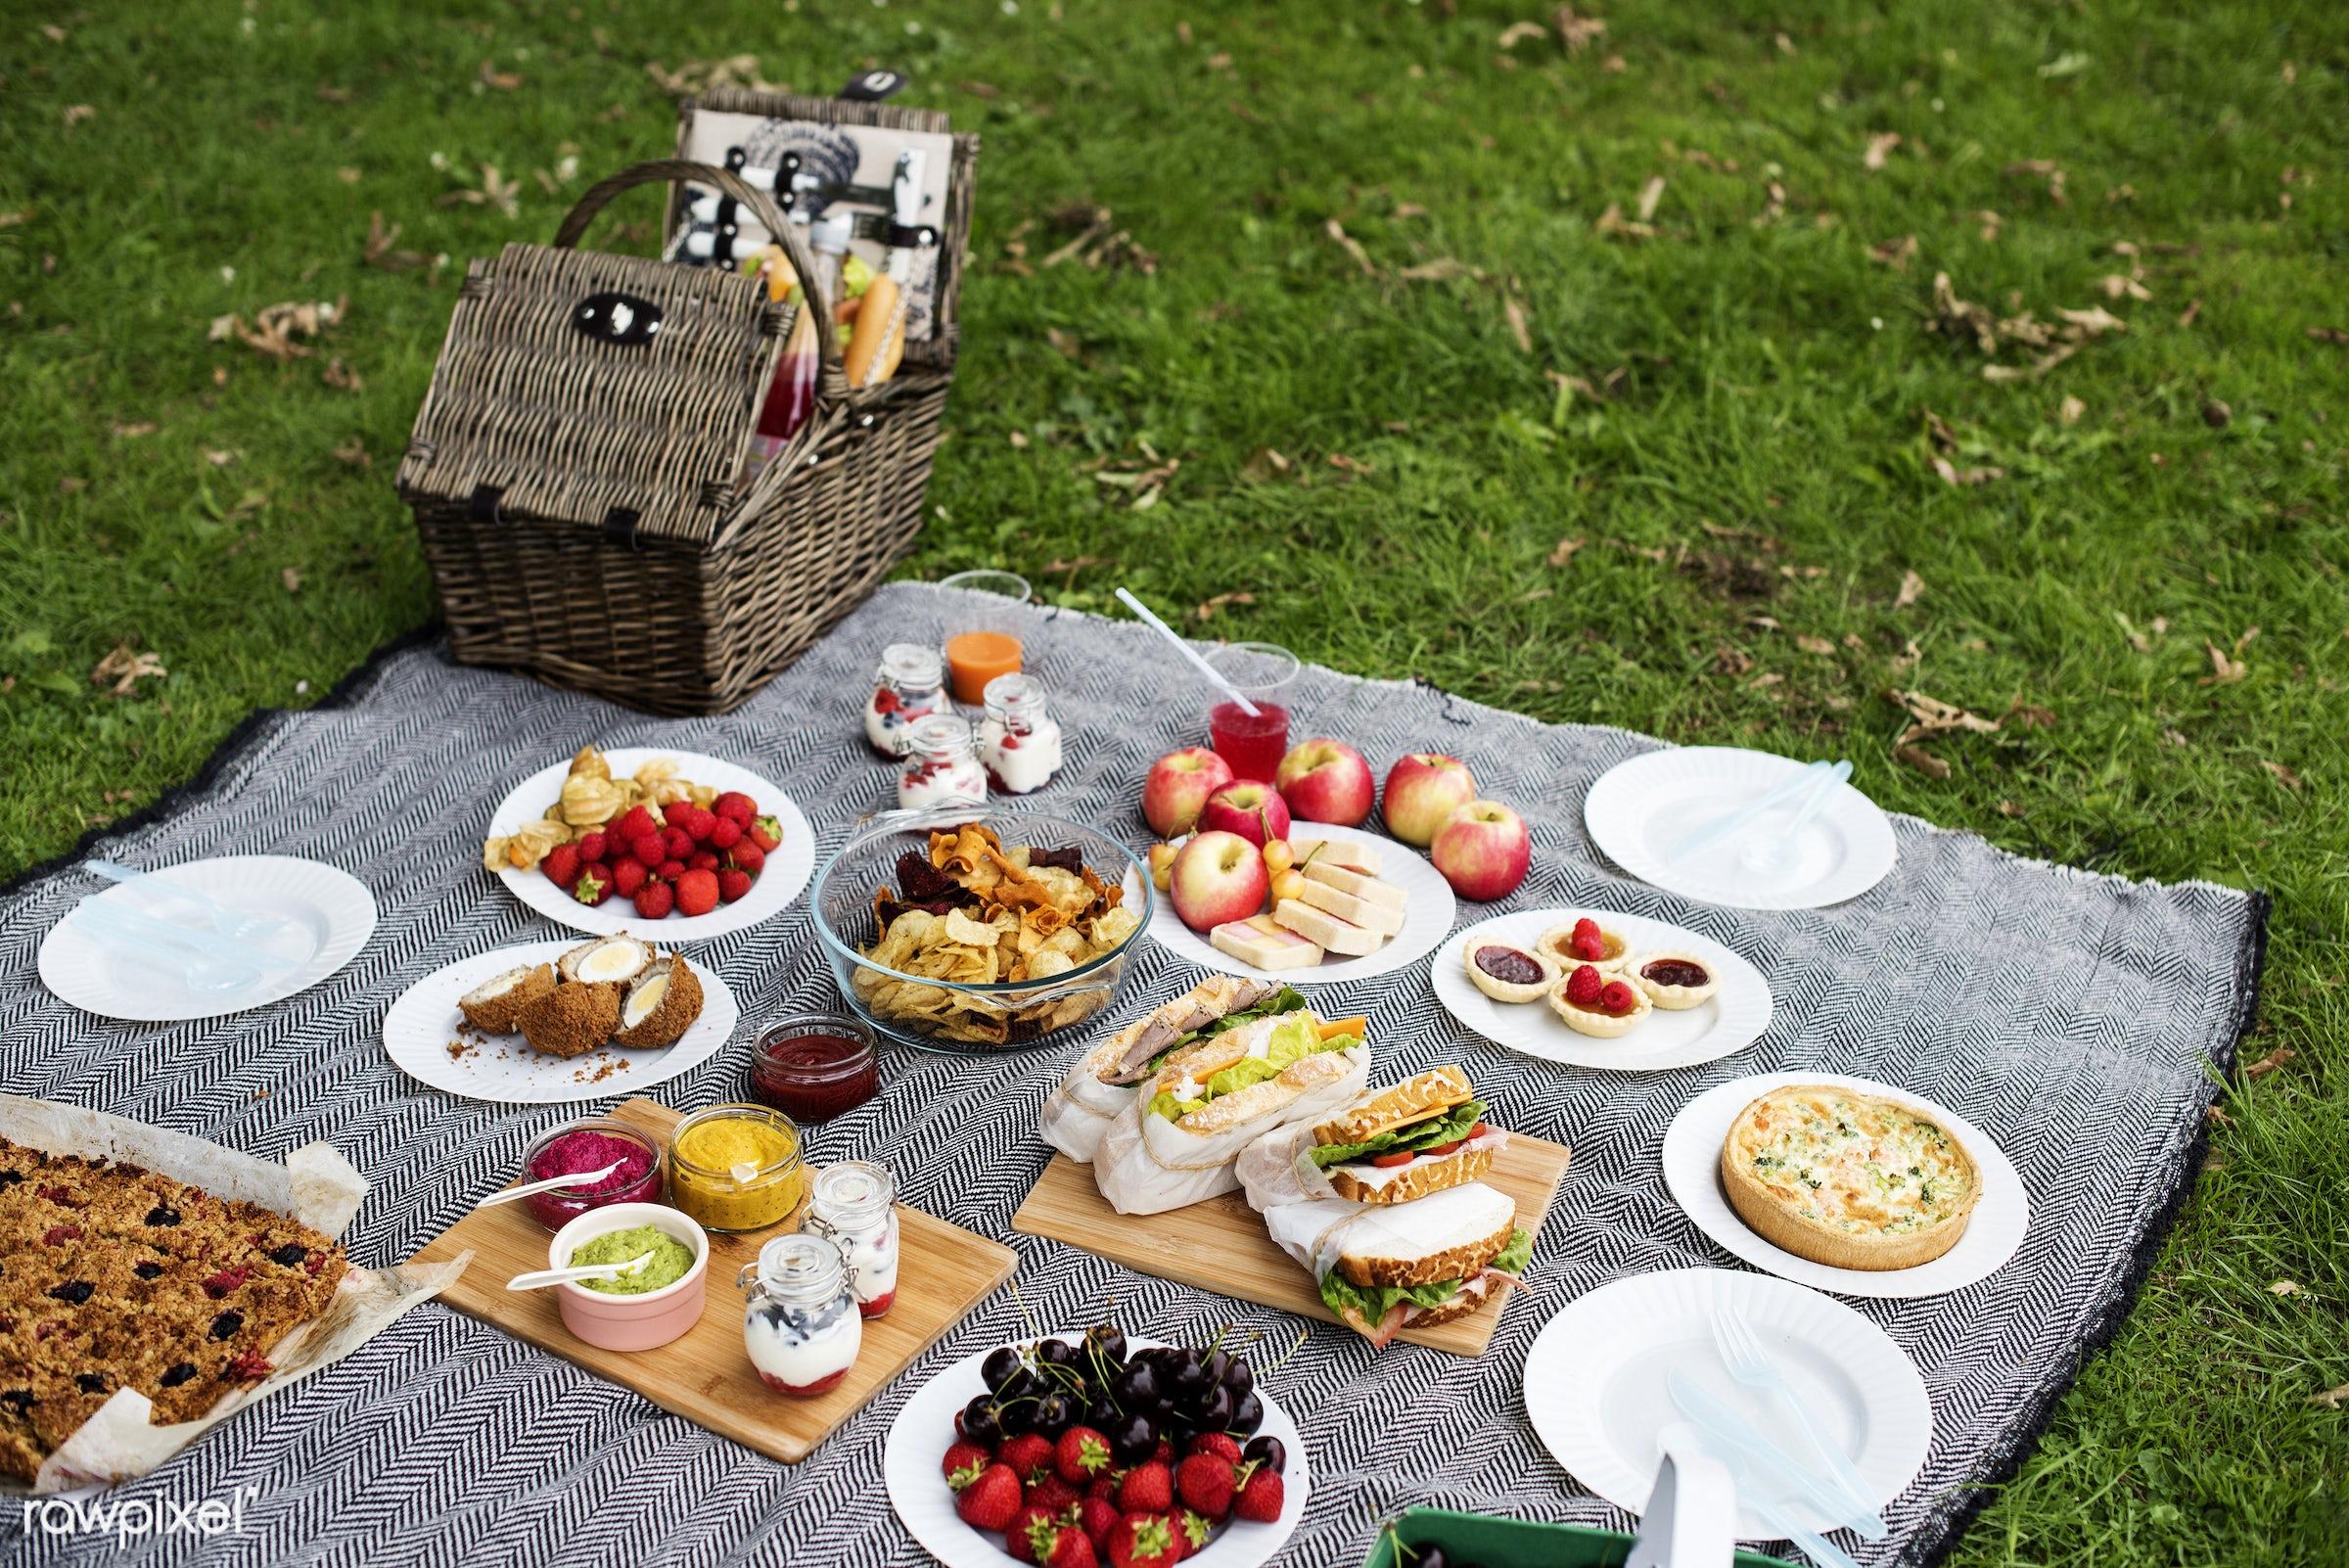 apple, basket, cherry, chips, dessert, drinks, environment, environmental, field, food, fruit, garden, grass, holiday,...